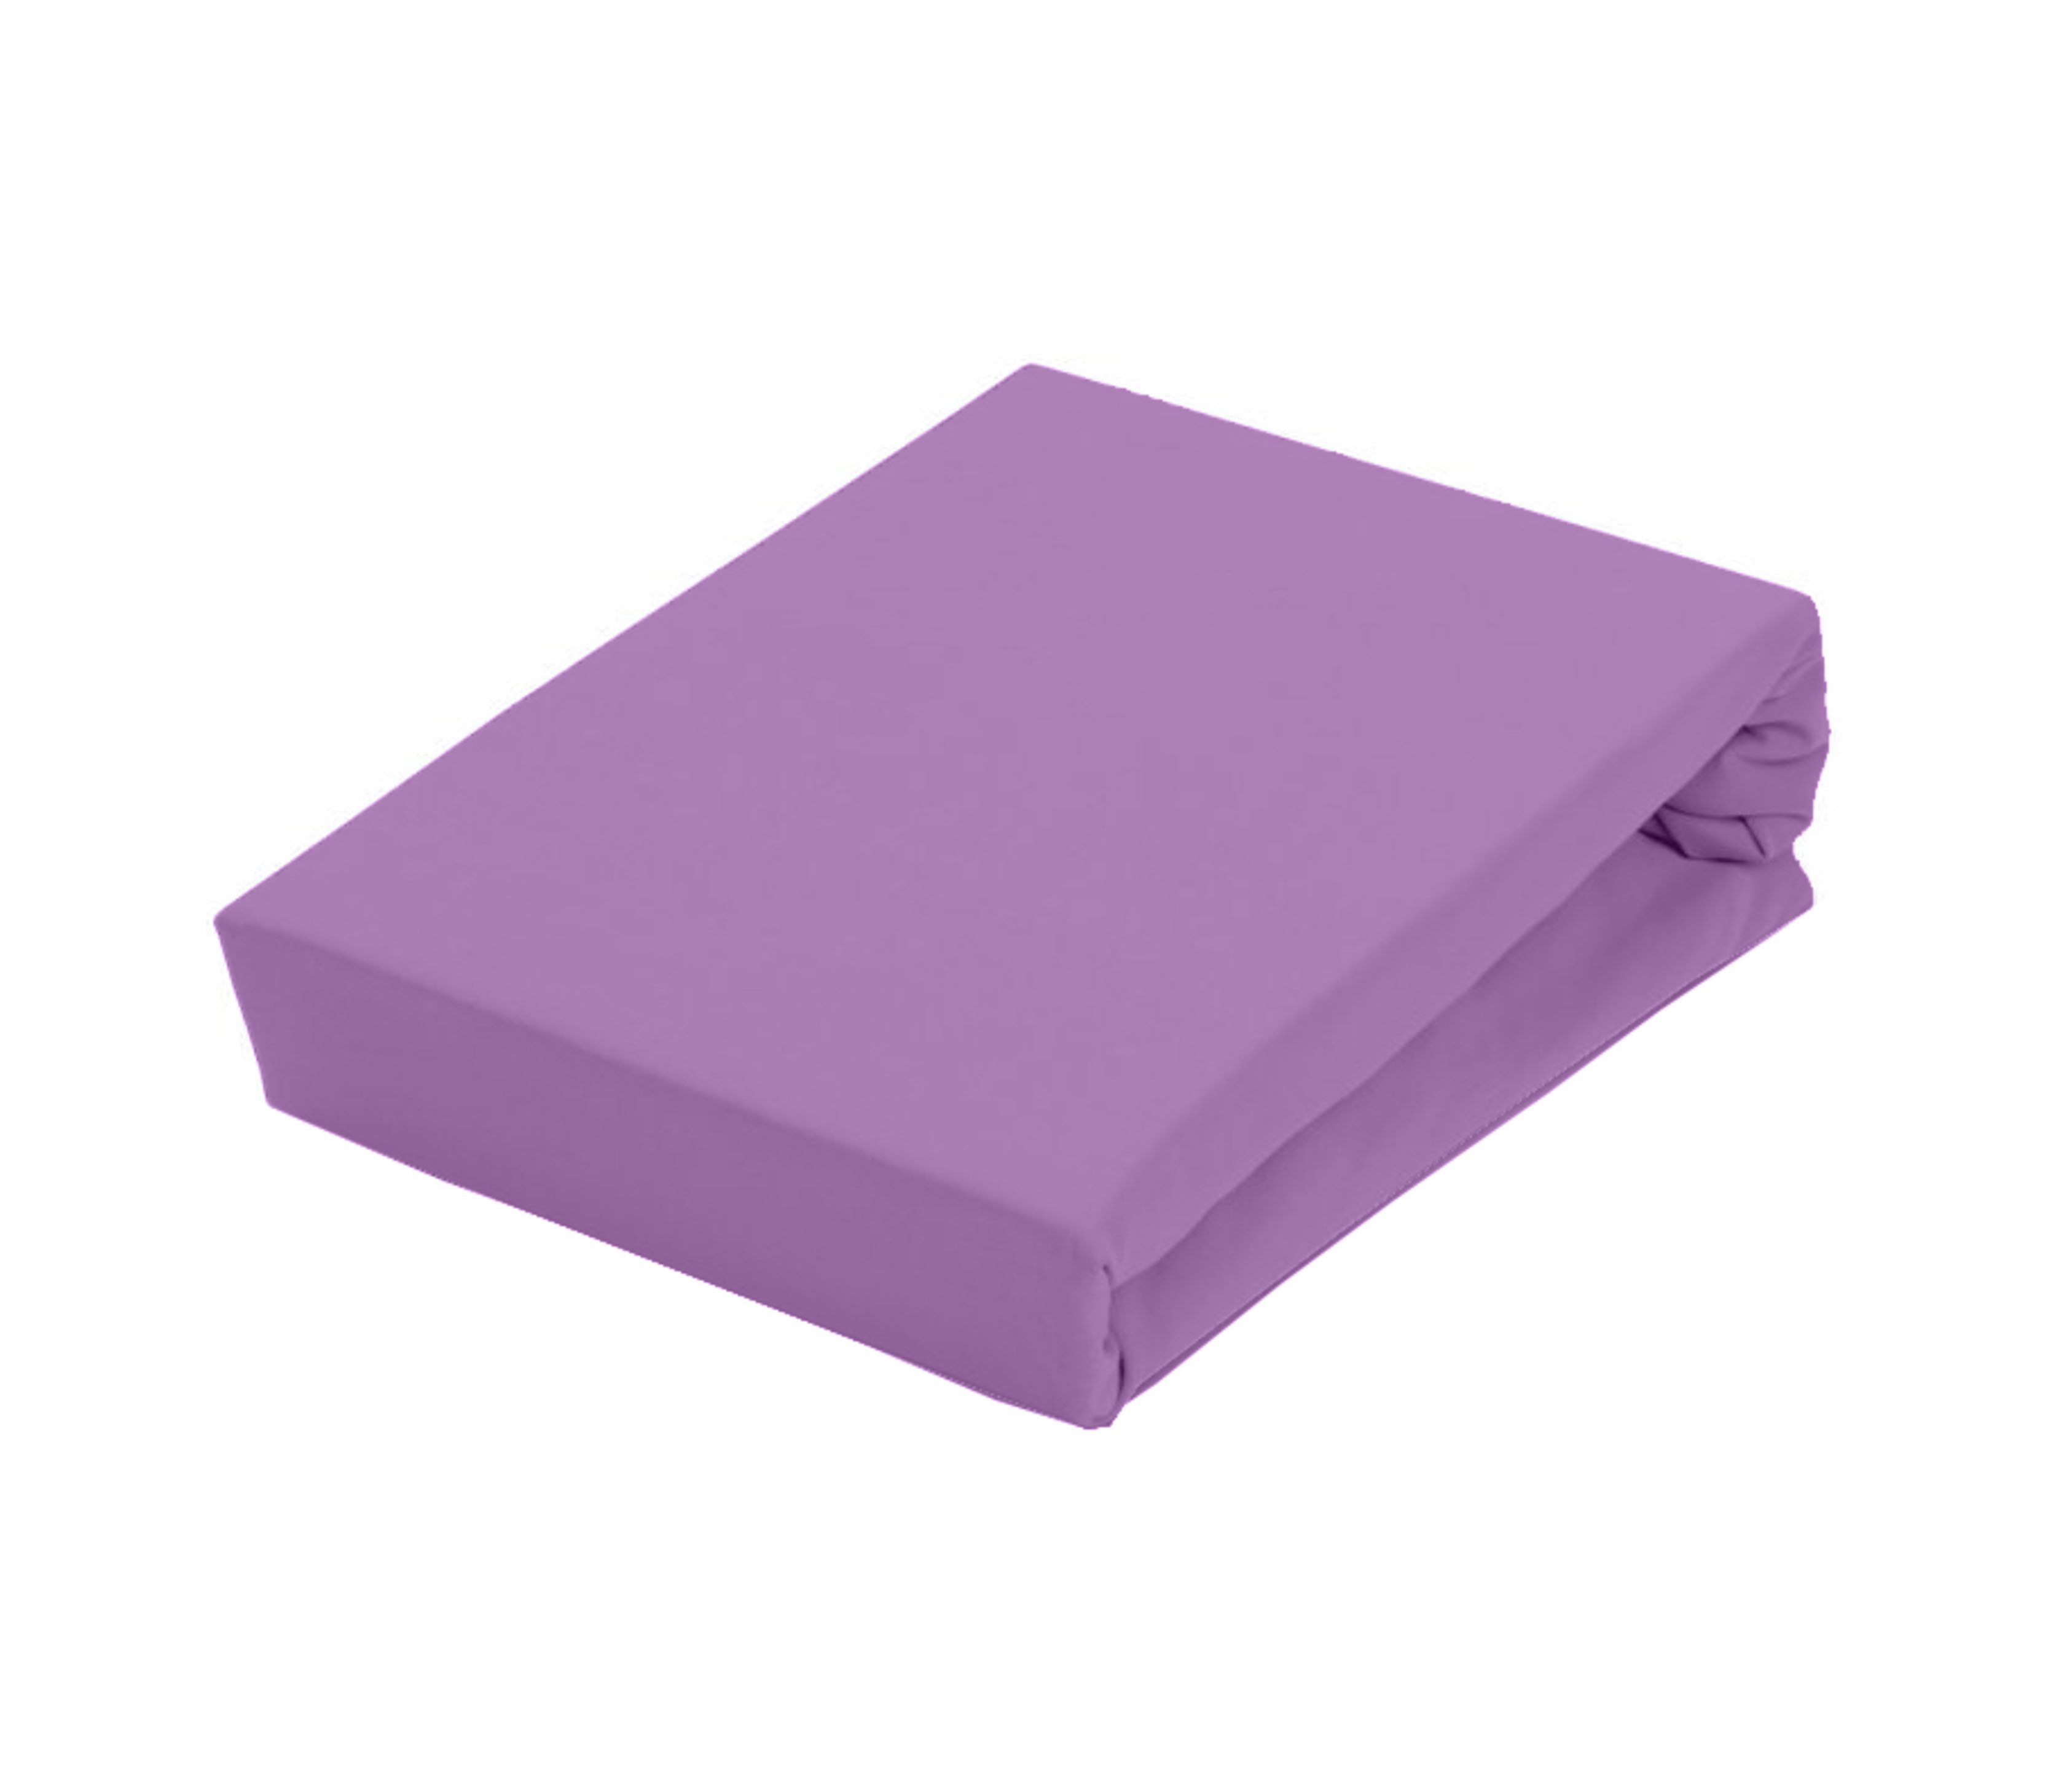 Aga Prostěradlo JERSEY 160x200 cm  Barva prostěradla: Světle fialová